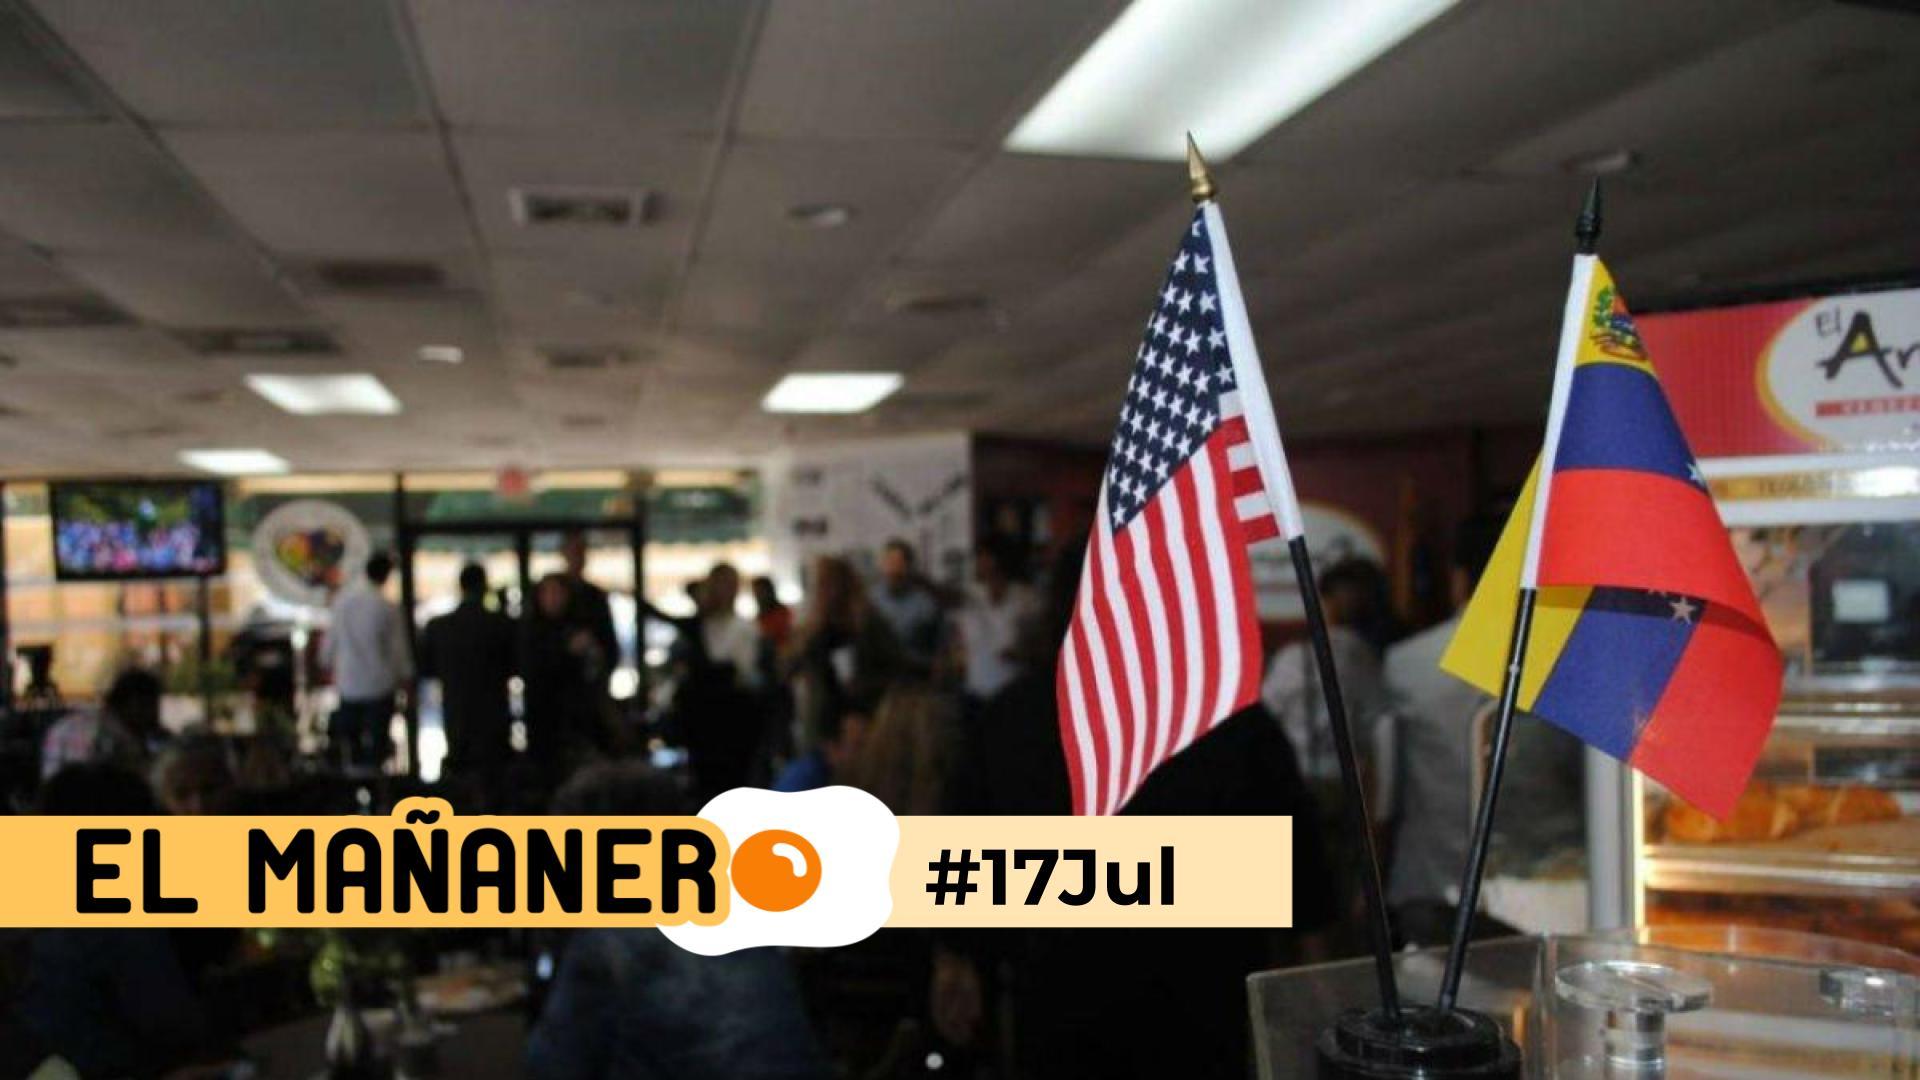 El Mañanero de hoy #17Jul: Las 8 noticias que debes saber